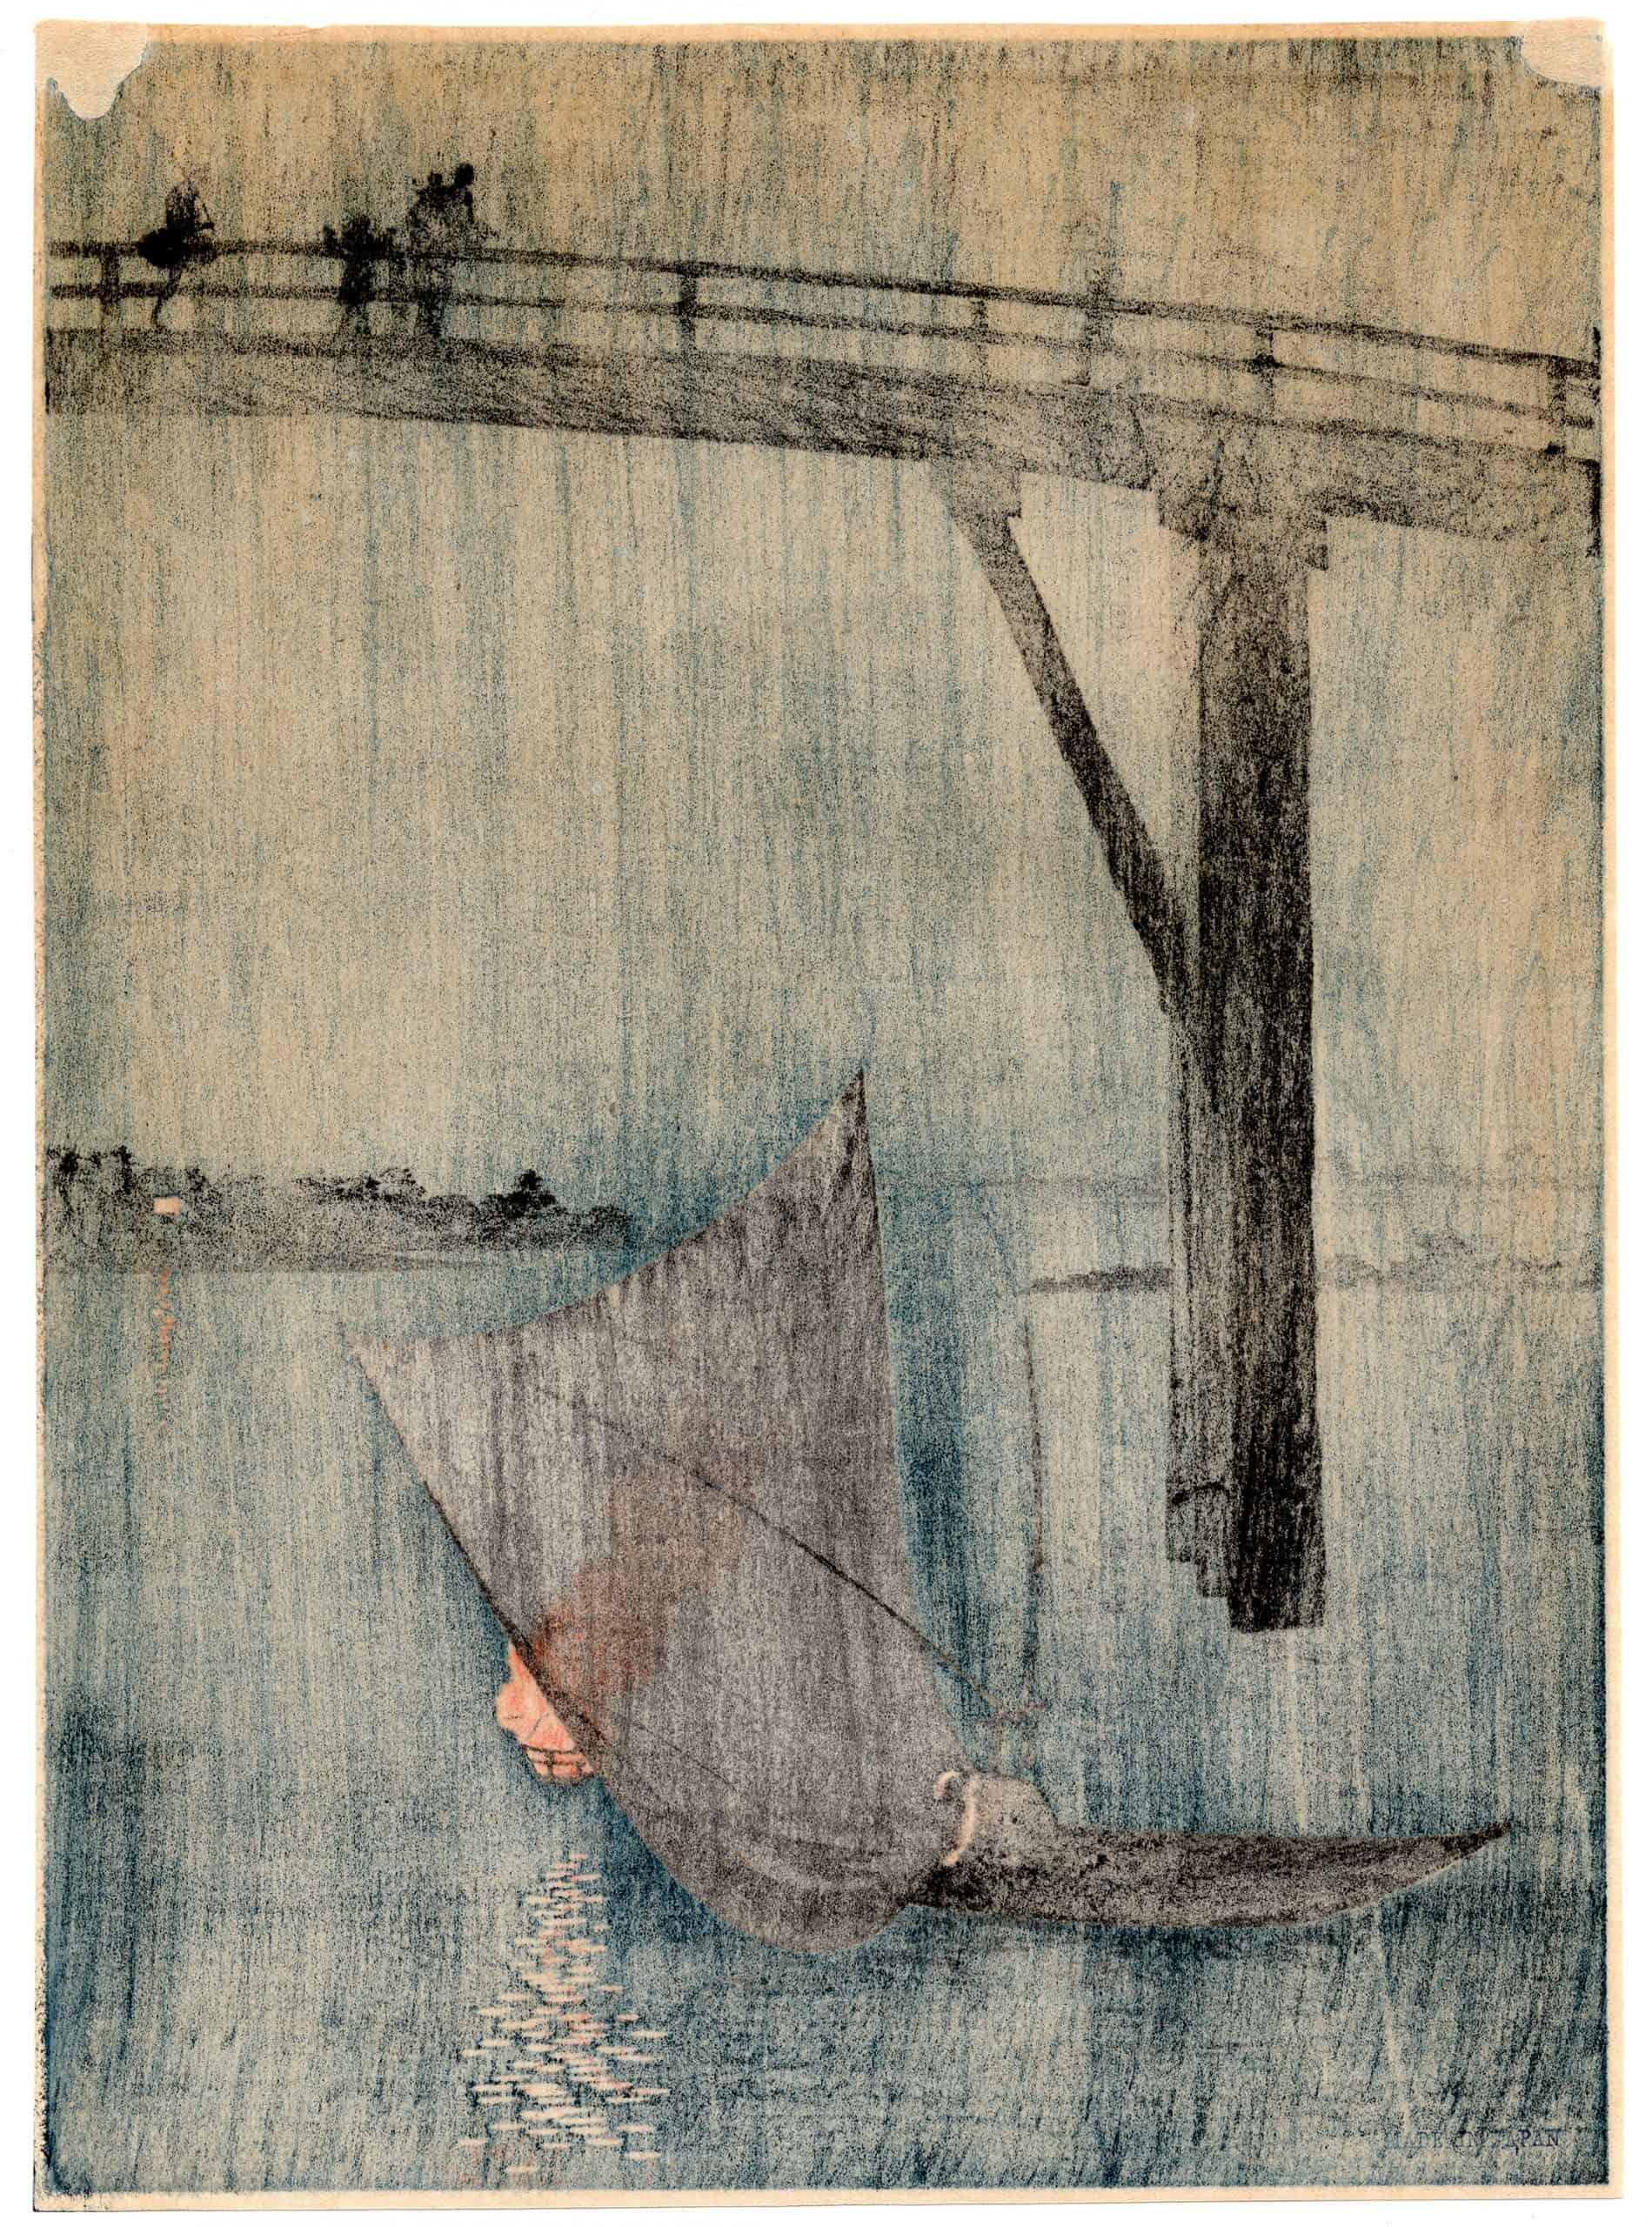 Arai Yoshimune - A Fishing Boat (verso)